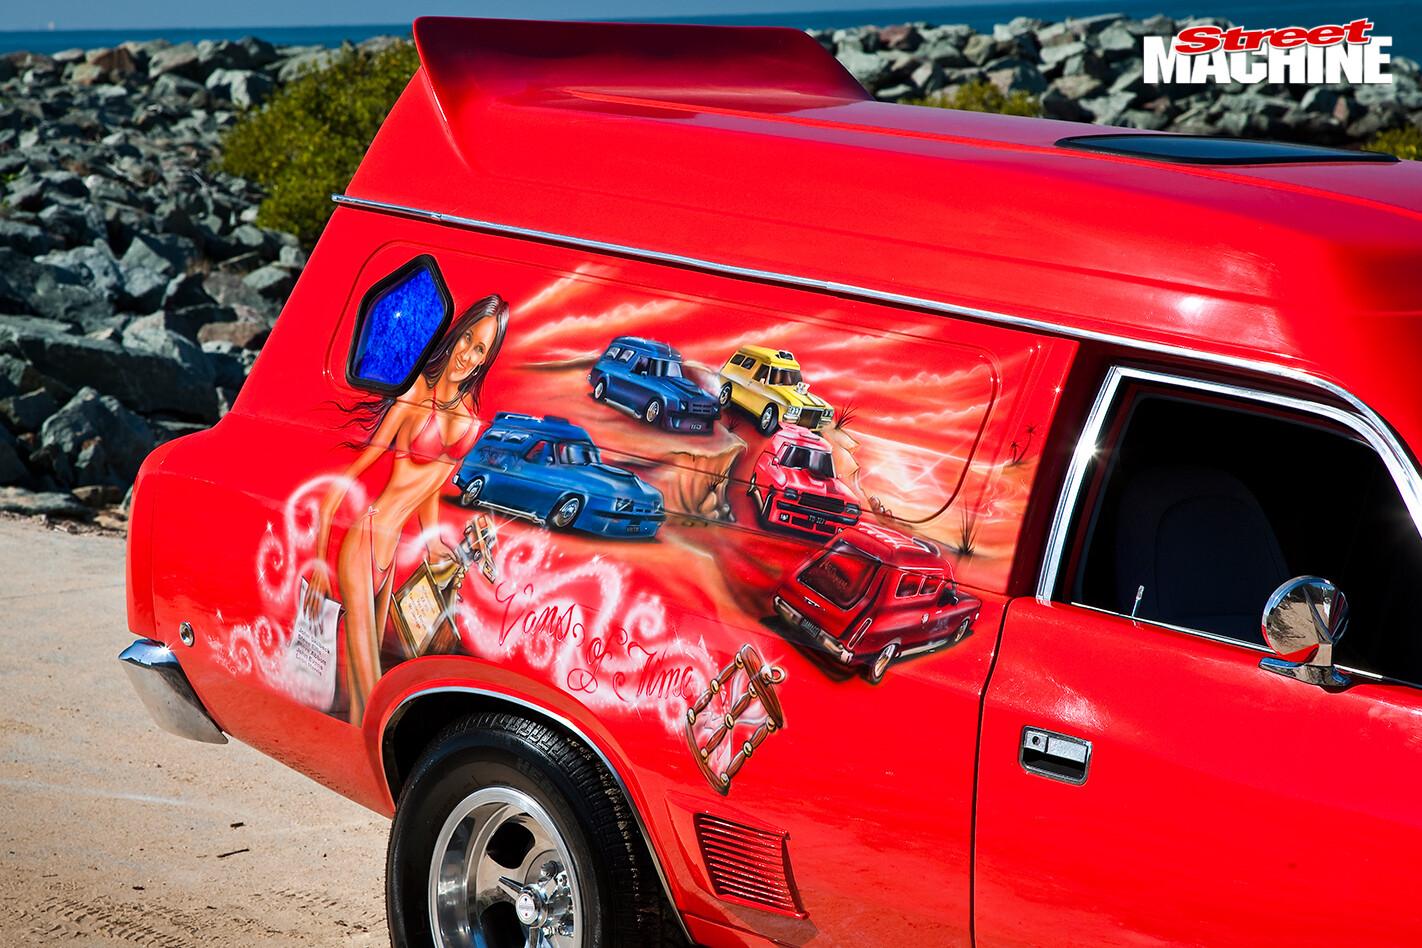 Chrysler -panel -van -murals